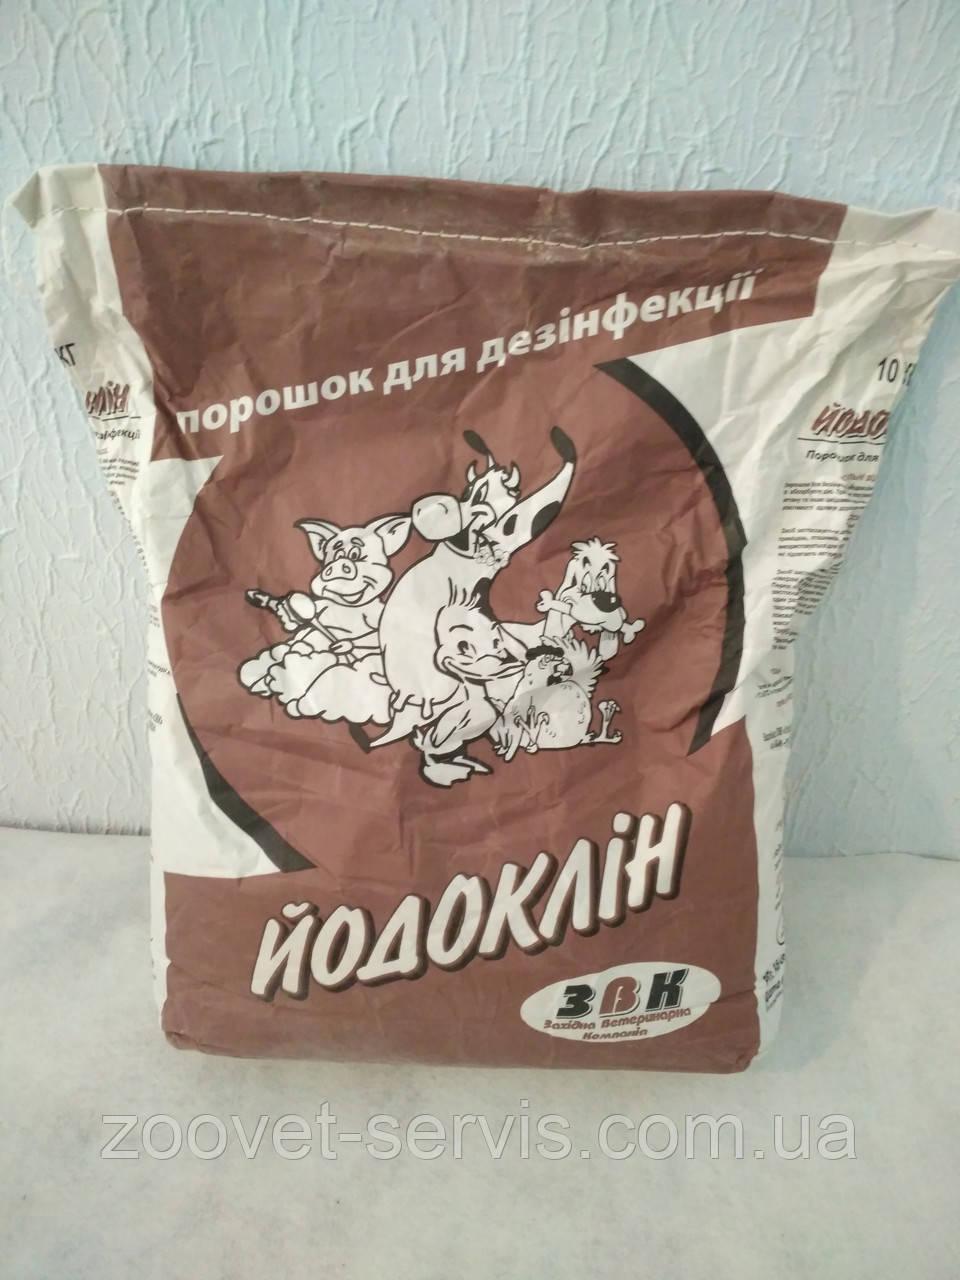 Дезинфицирующий порошок с йодоформом Йодоклин 10 кг